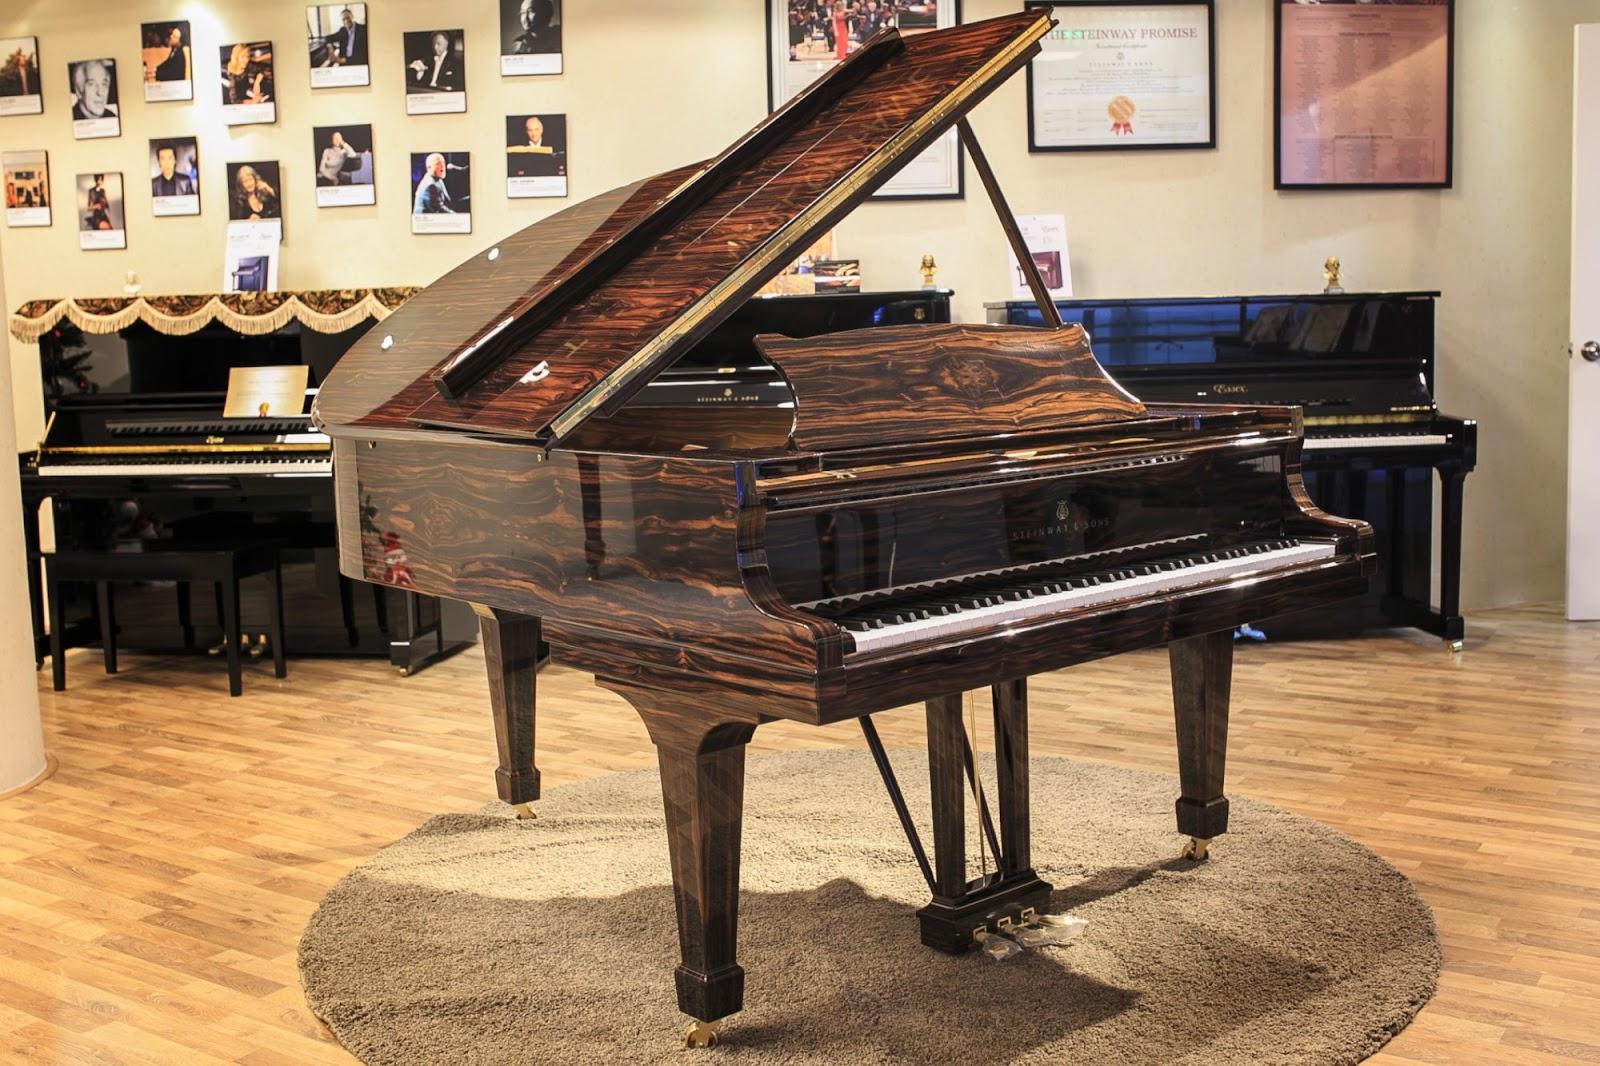 Nhạc Cụ FO Music tự hào là đơn vị đáp ứng đầy đủ các tiêu chí mua đàn piano chính hãng, chất lượng